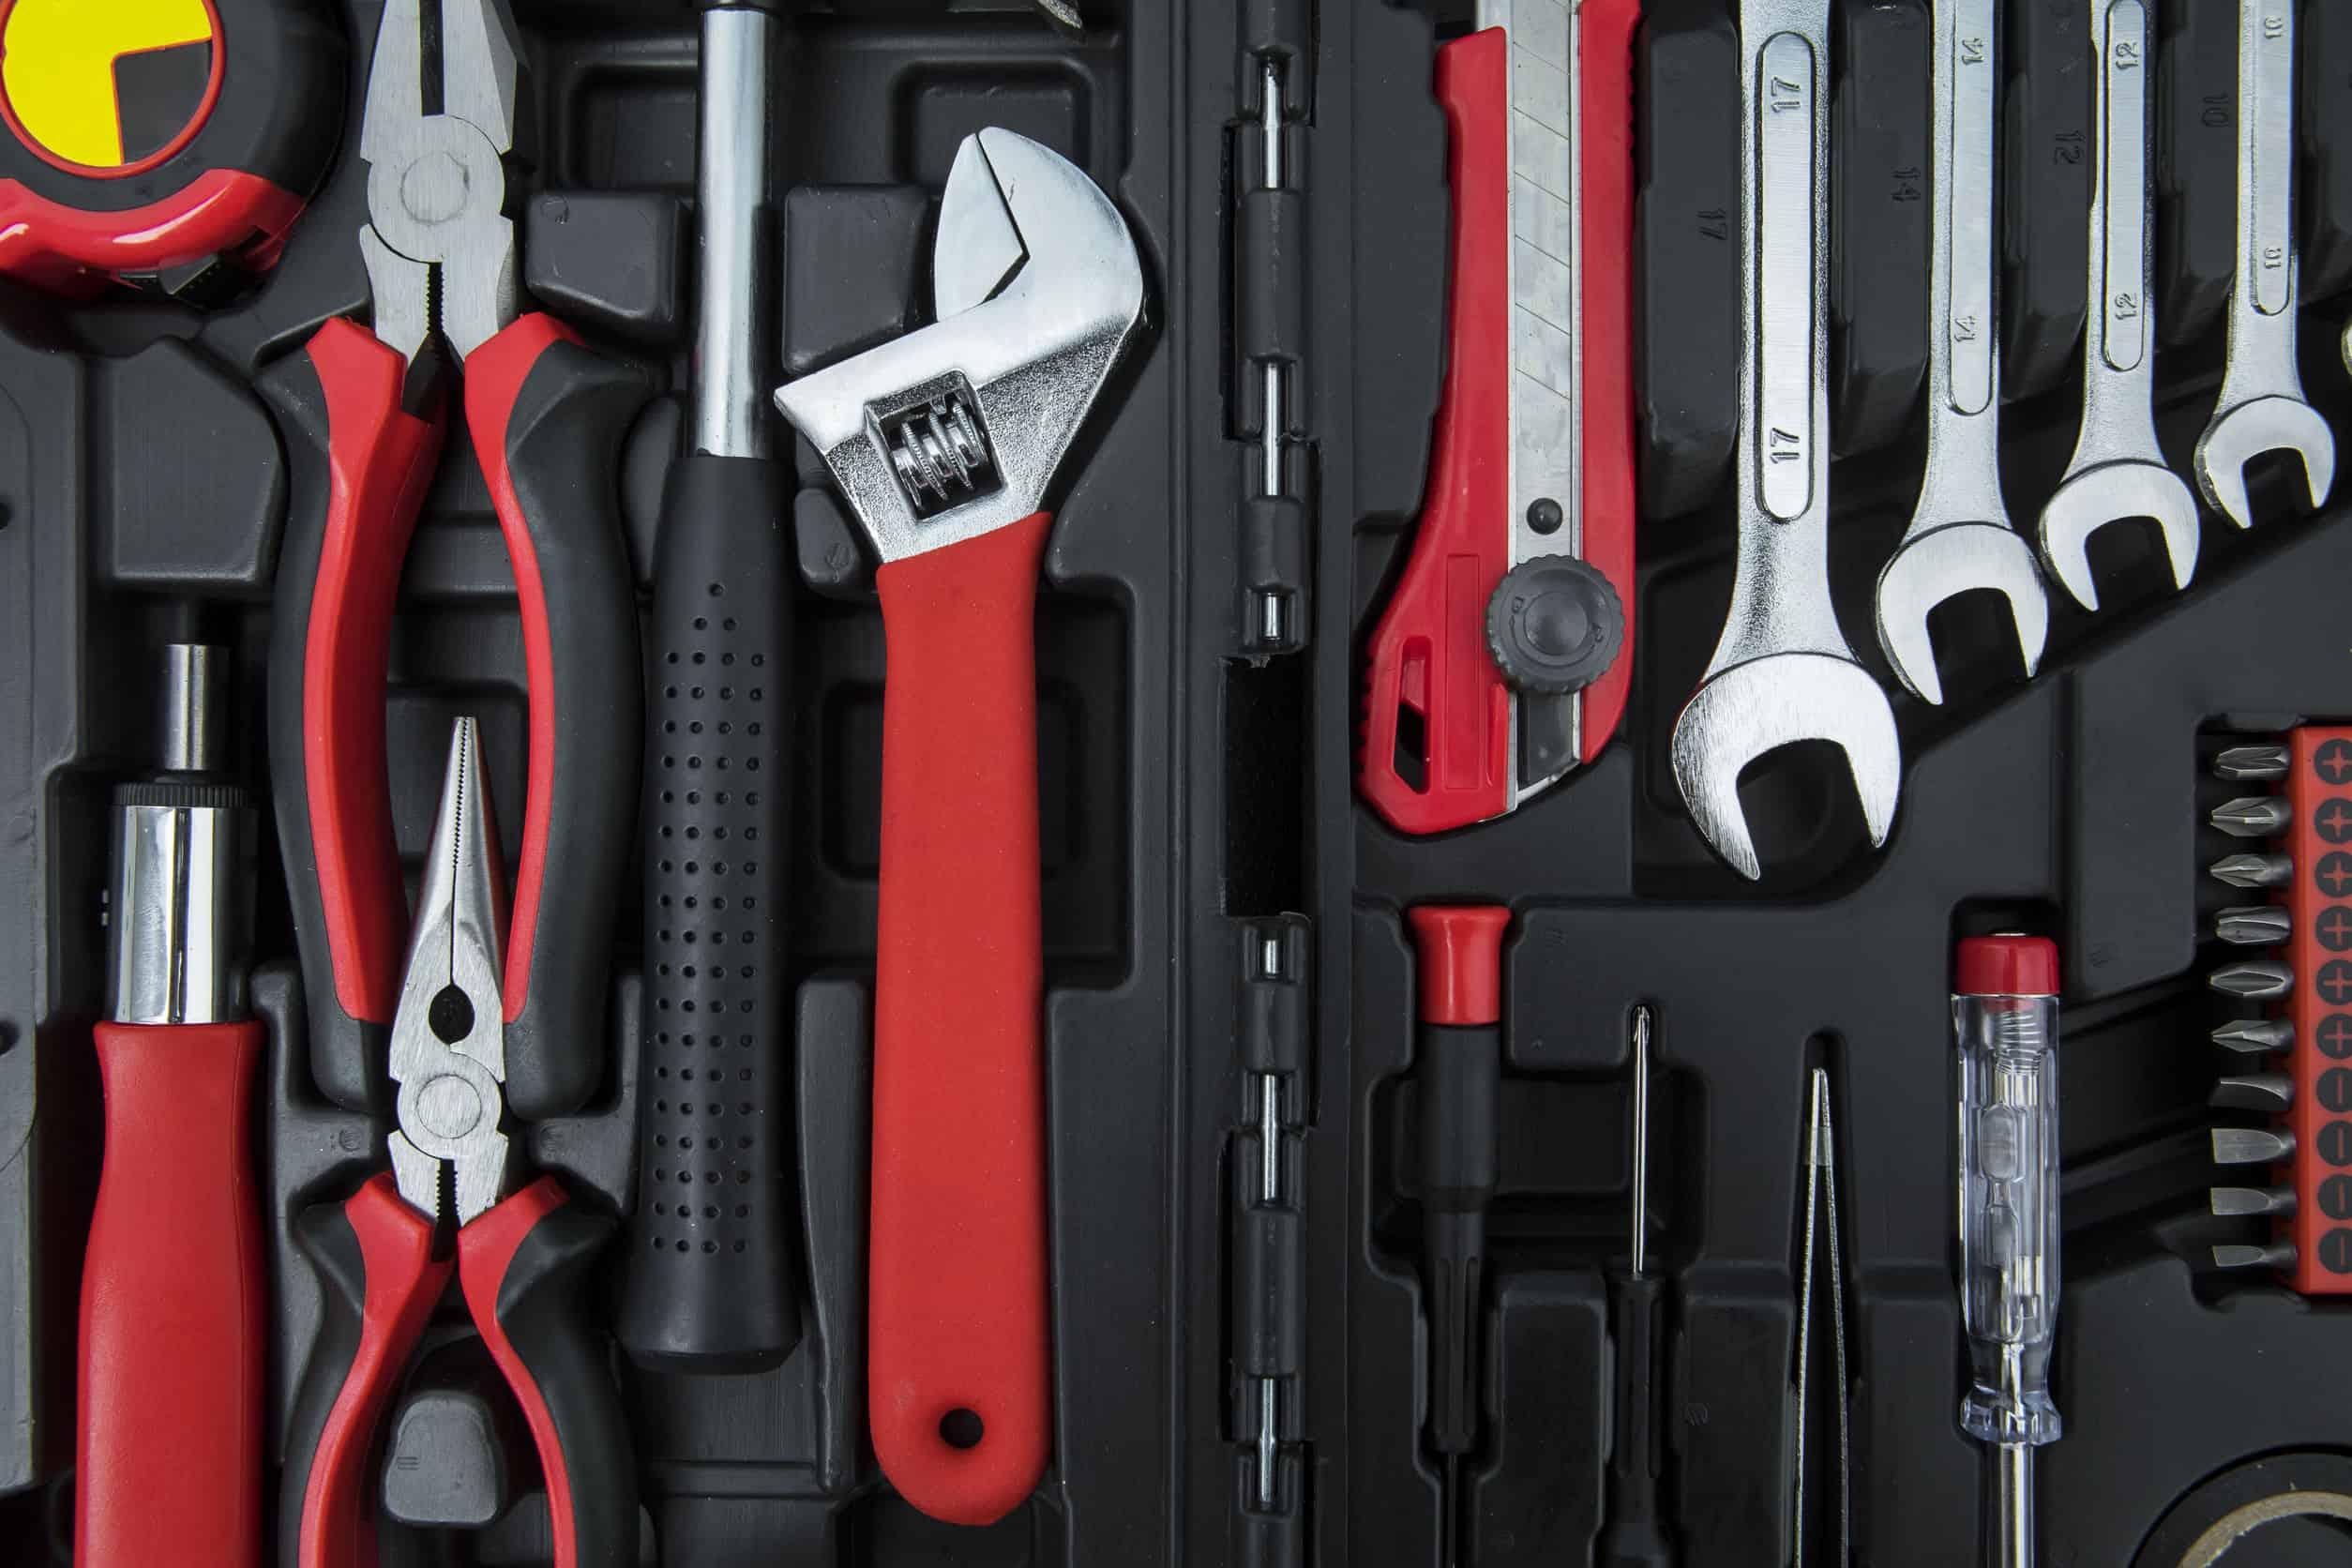 Juego de herramientas: ¿Cuáles son las mejores del 2021?